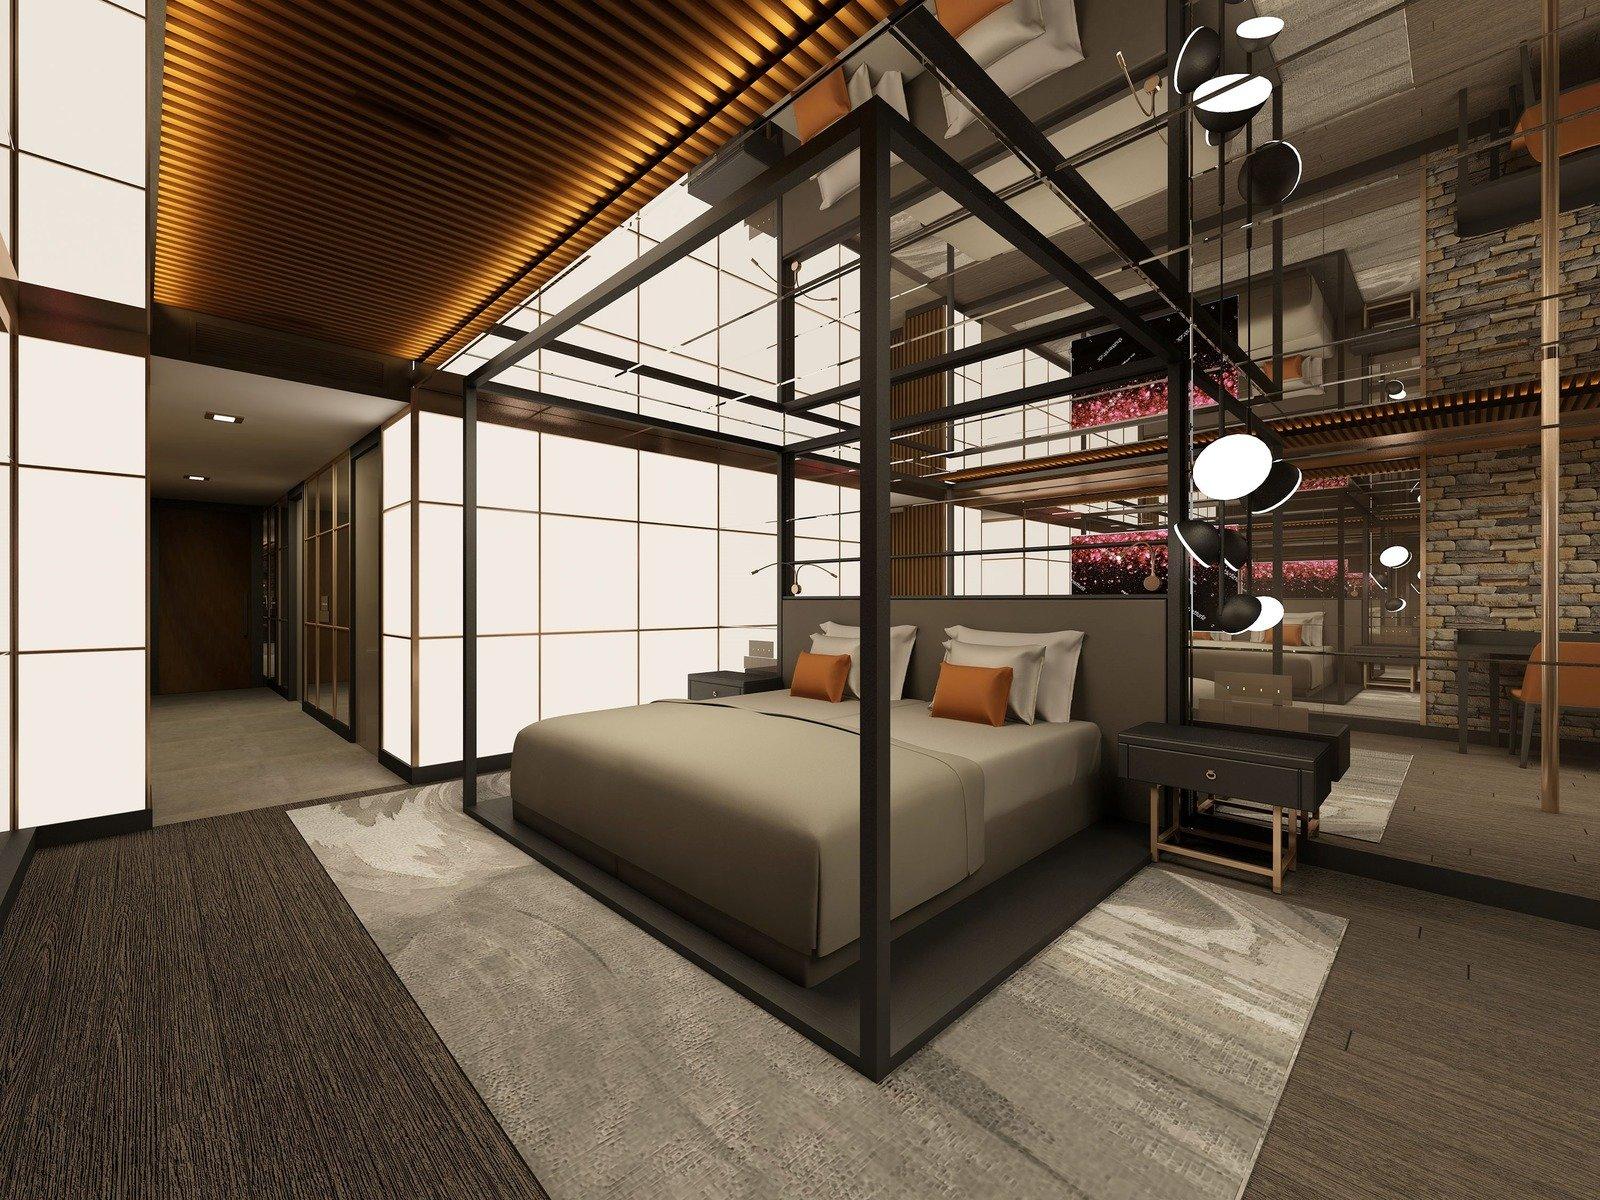 Wohnbeispiel Indigo Clubber Terrace Room